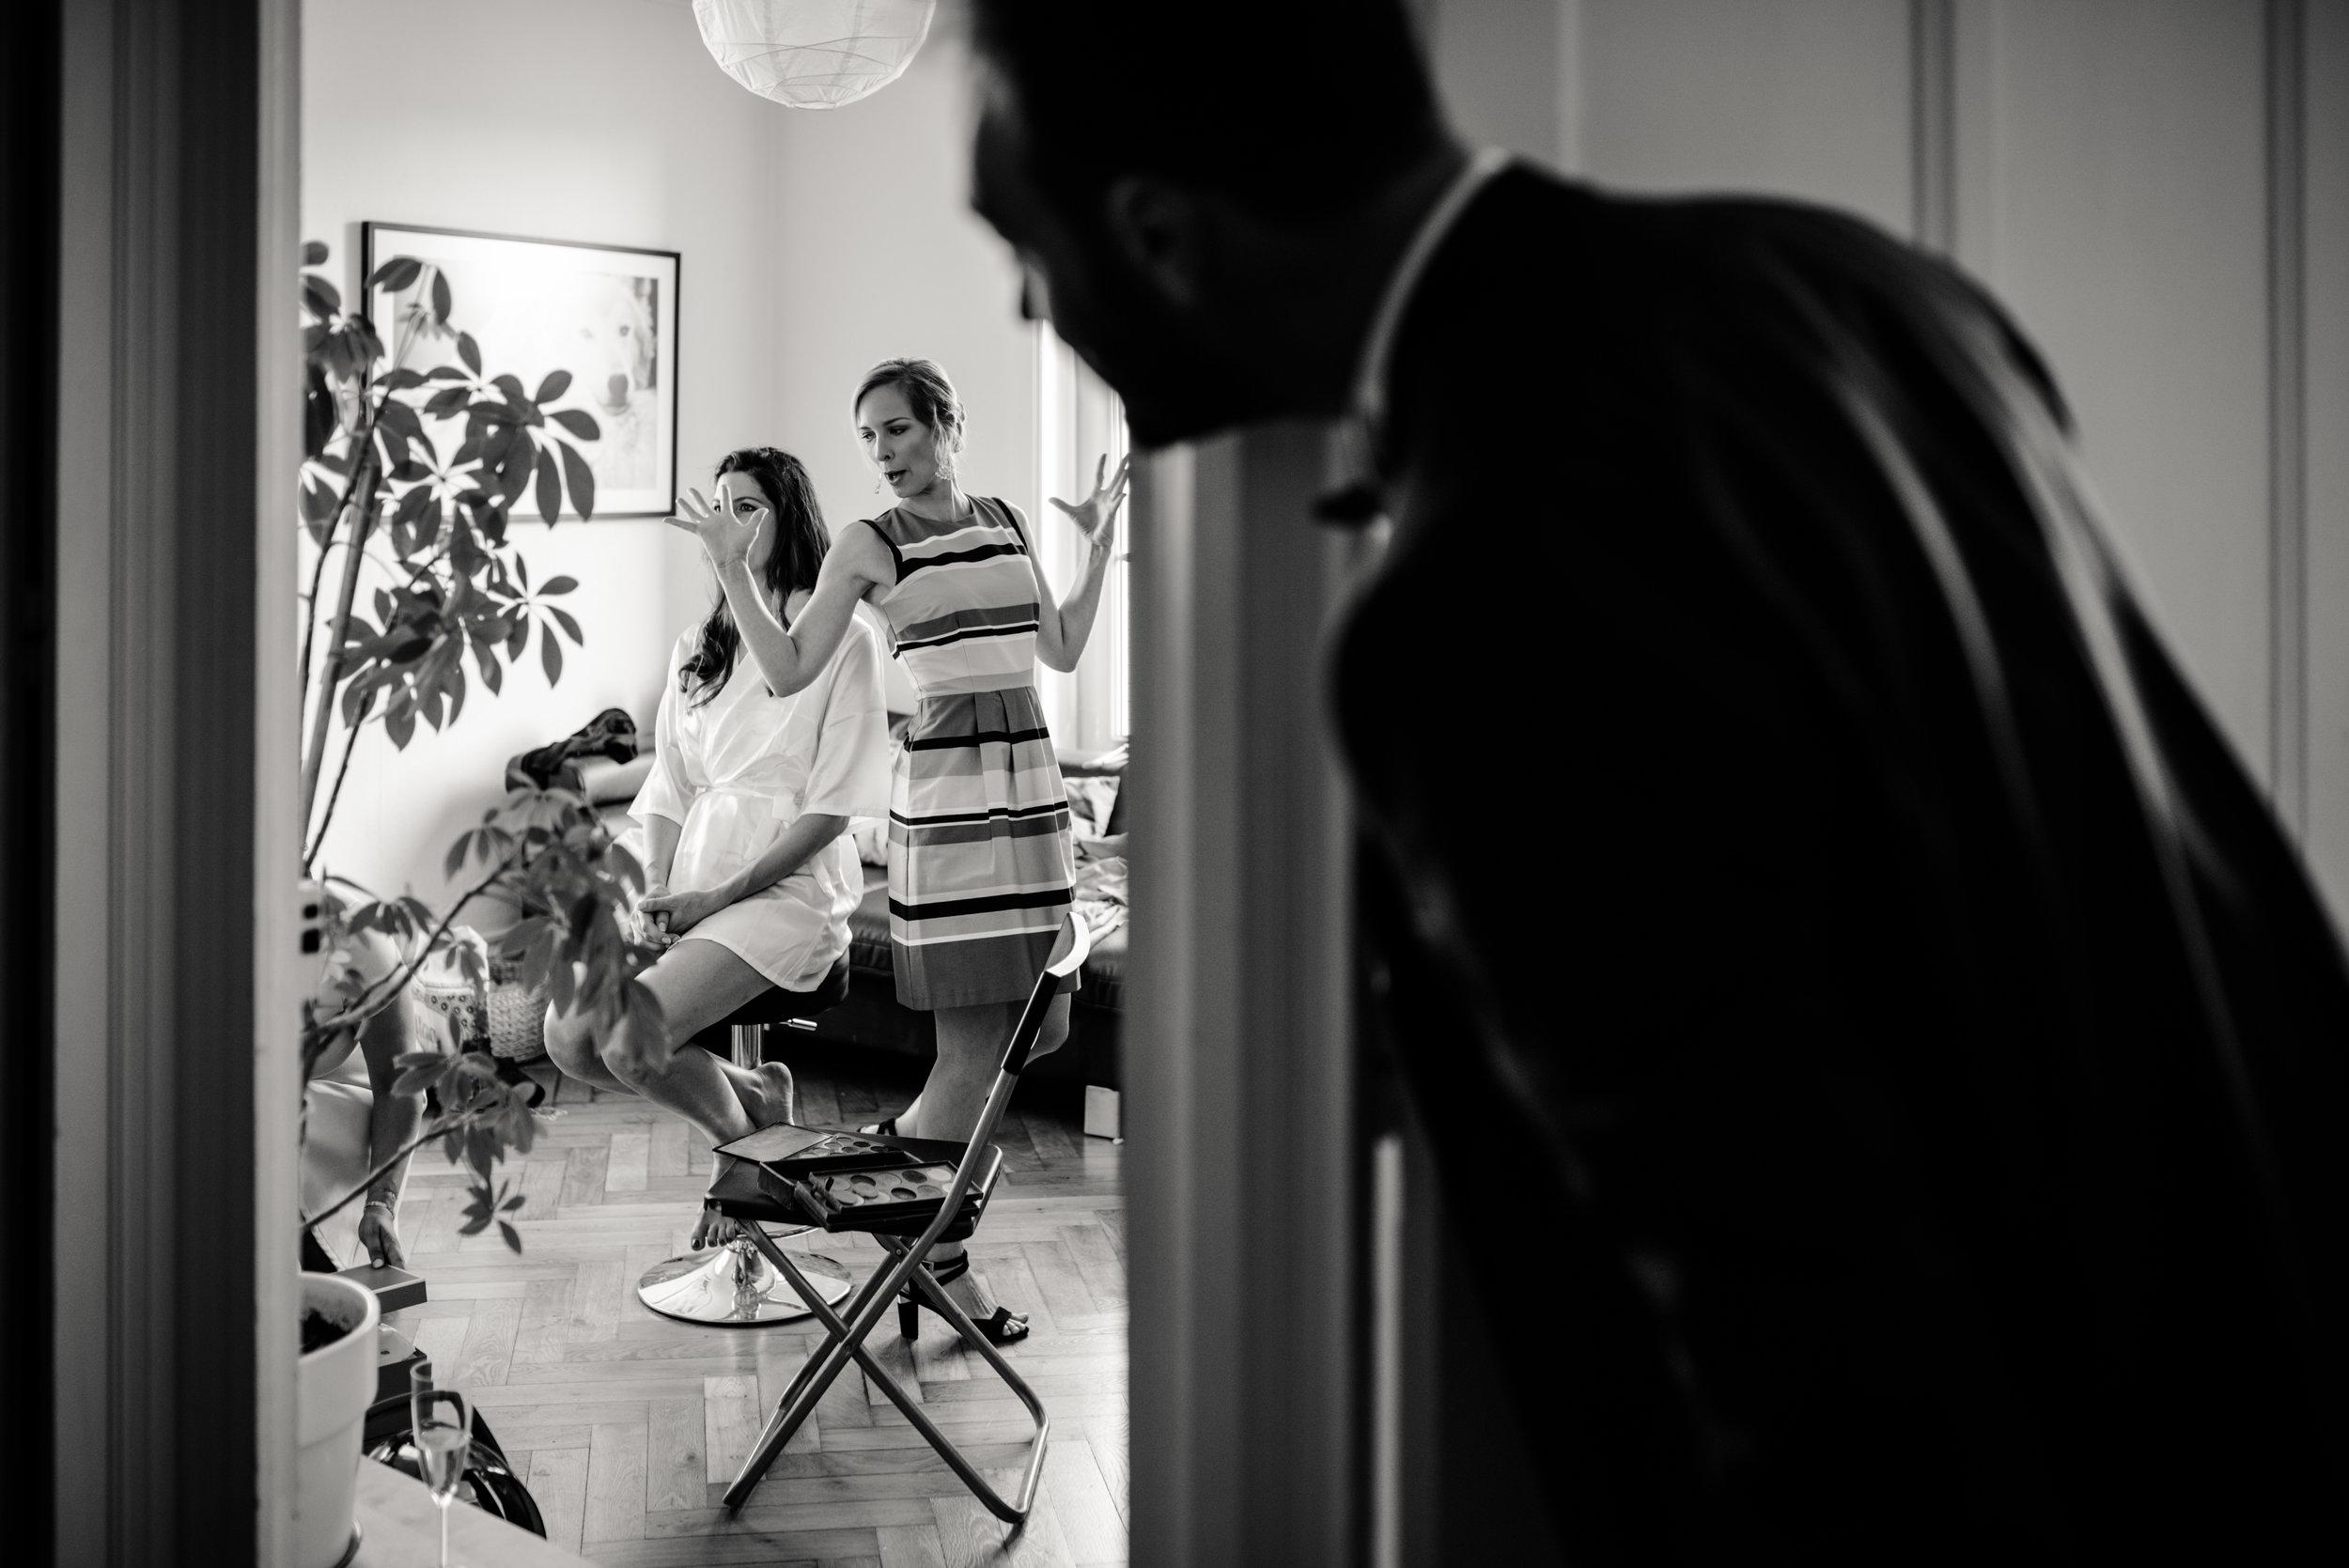 Léa-Fery-photographe-professionnel-lyon-rhone-alpes-portrait-creation-mariage-evenement-evenementiel-famille-7461.jpg